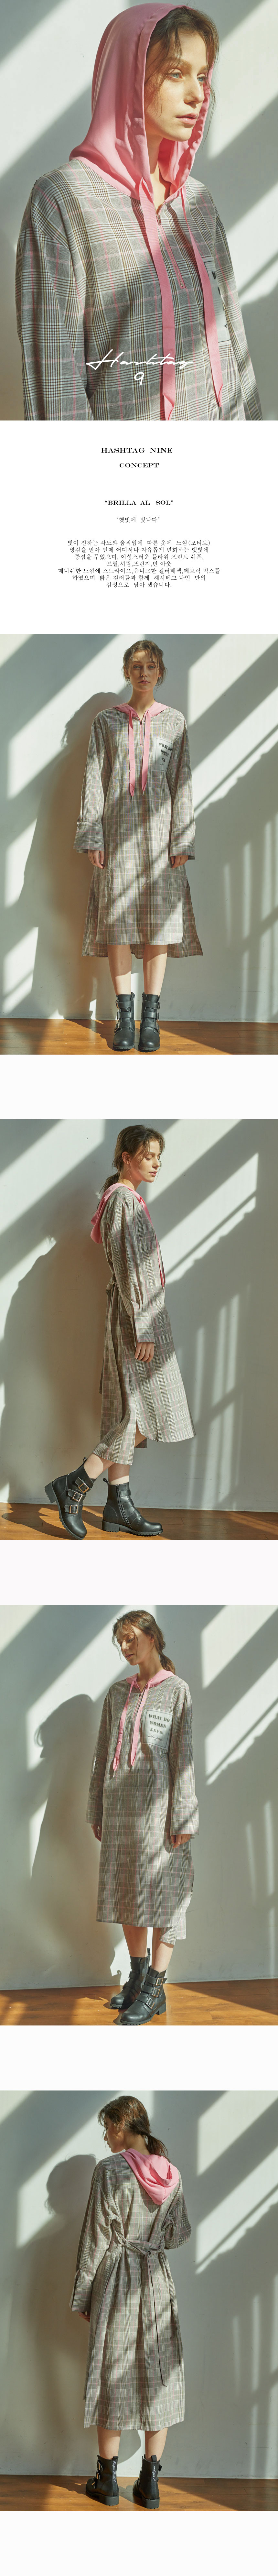 후드체크-원피스-핑크1.jpg